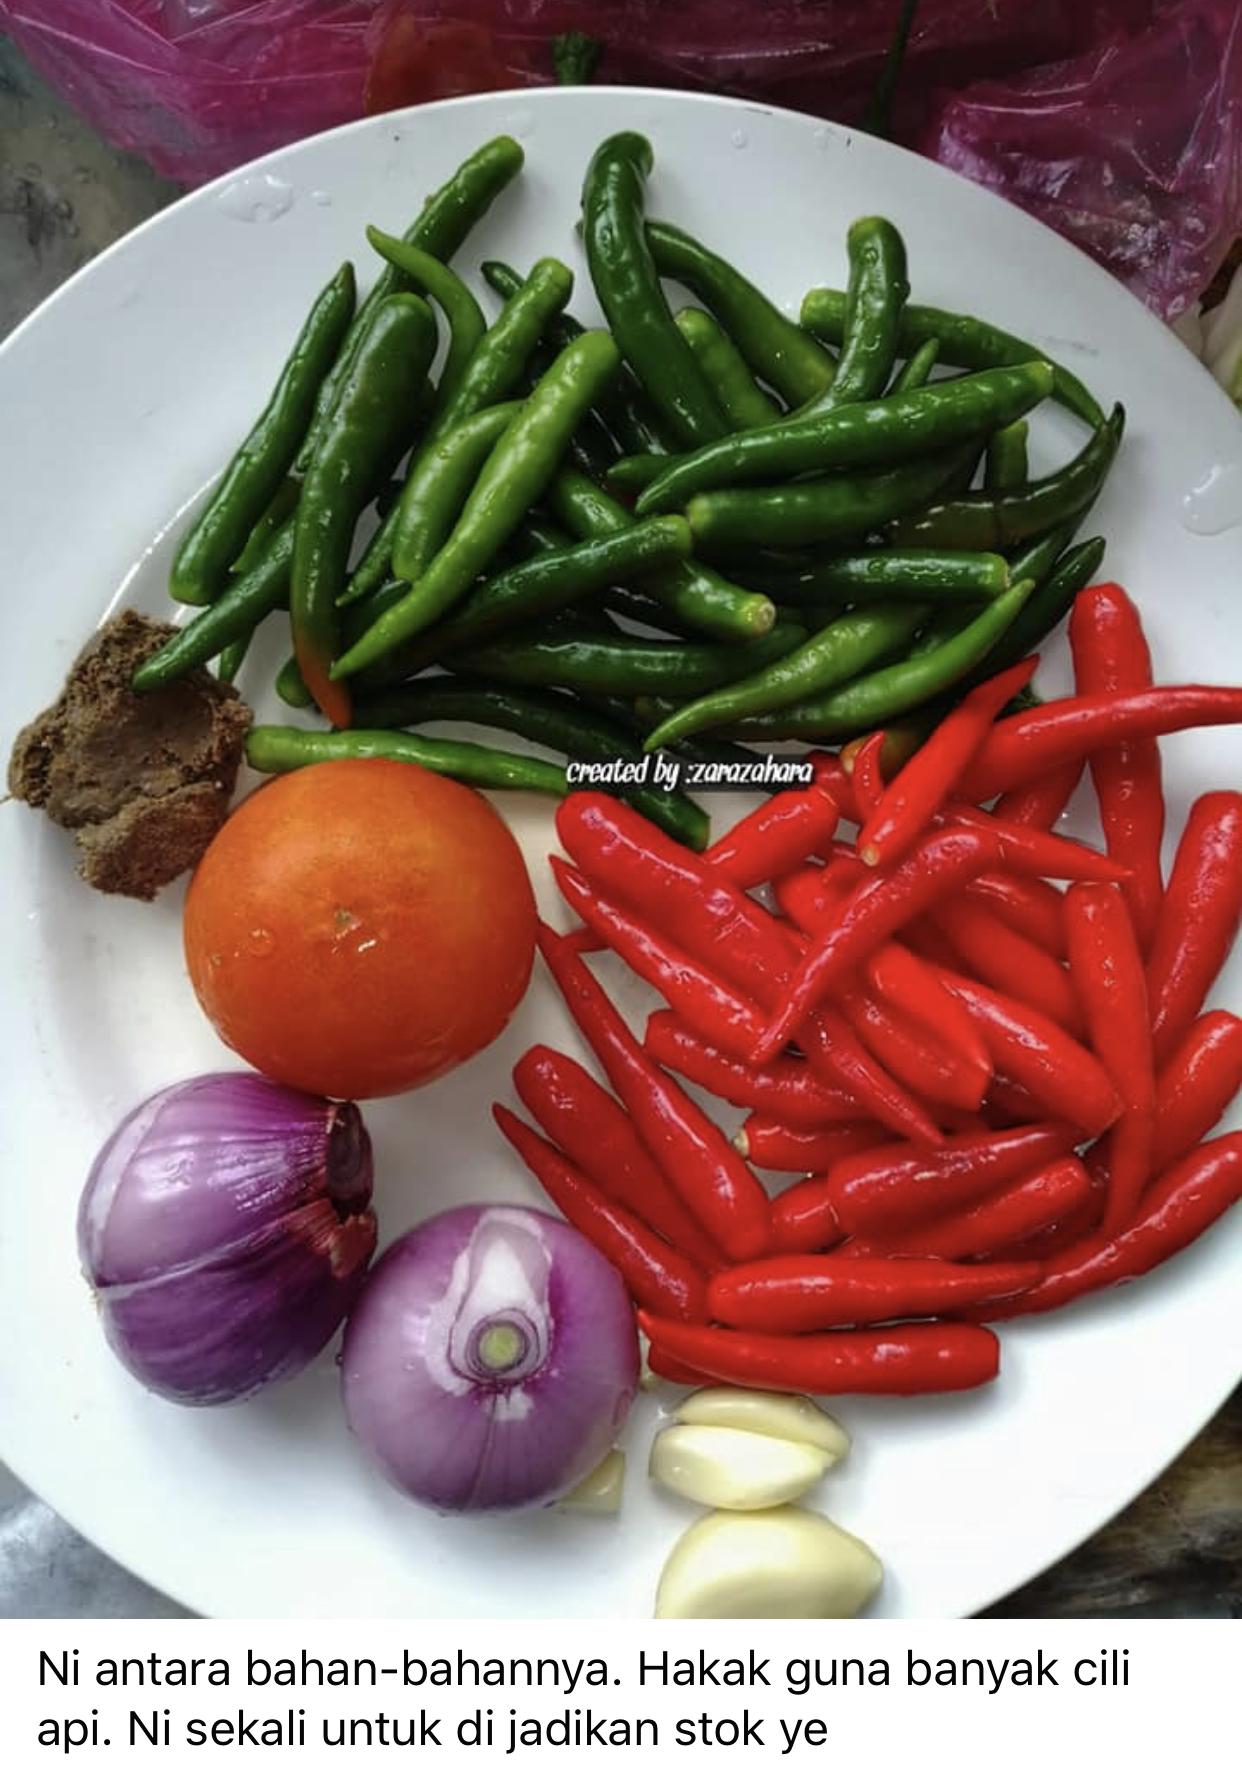 Resepi Pisang Goreng Enak - Recipes Blog t